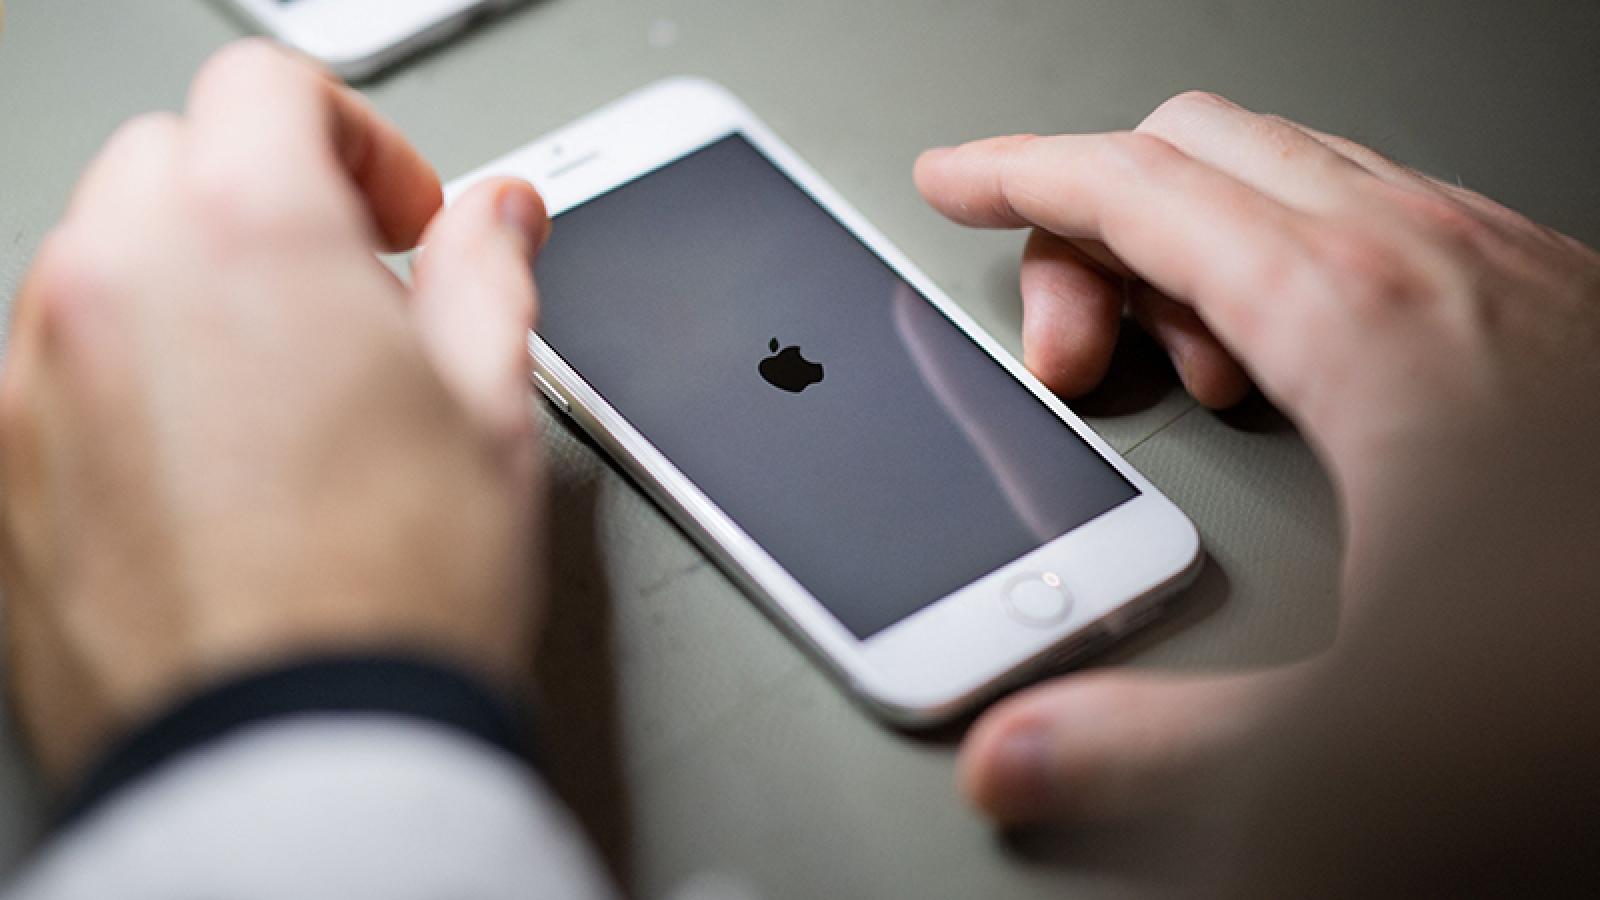 Cảnh giác trước điểm truy cập có thể vô hiệu hóa khả năng Wi-Fi trên iPhone